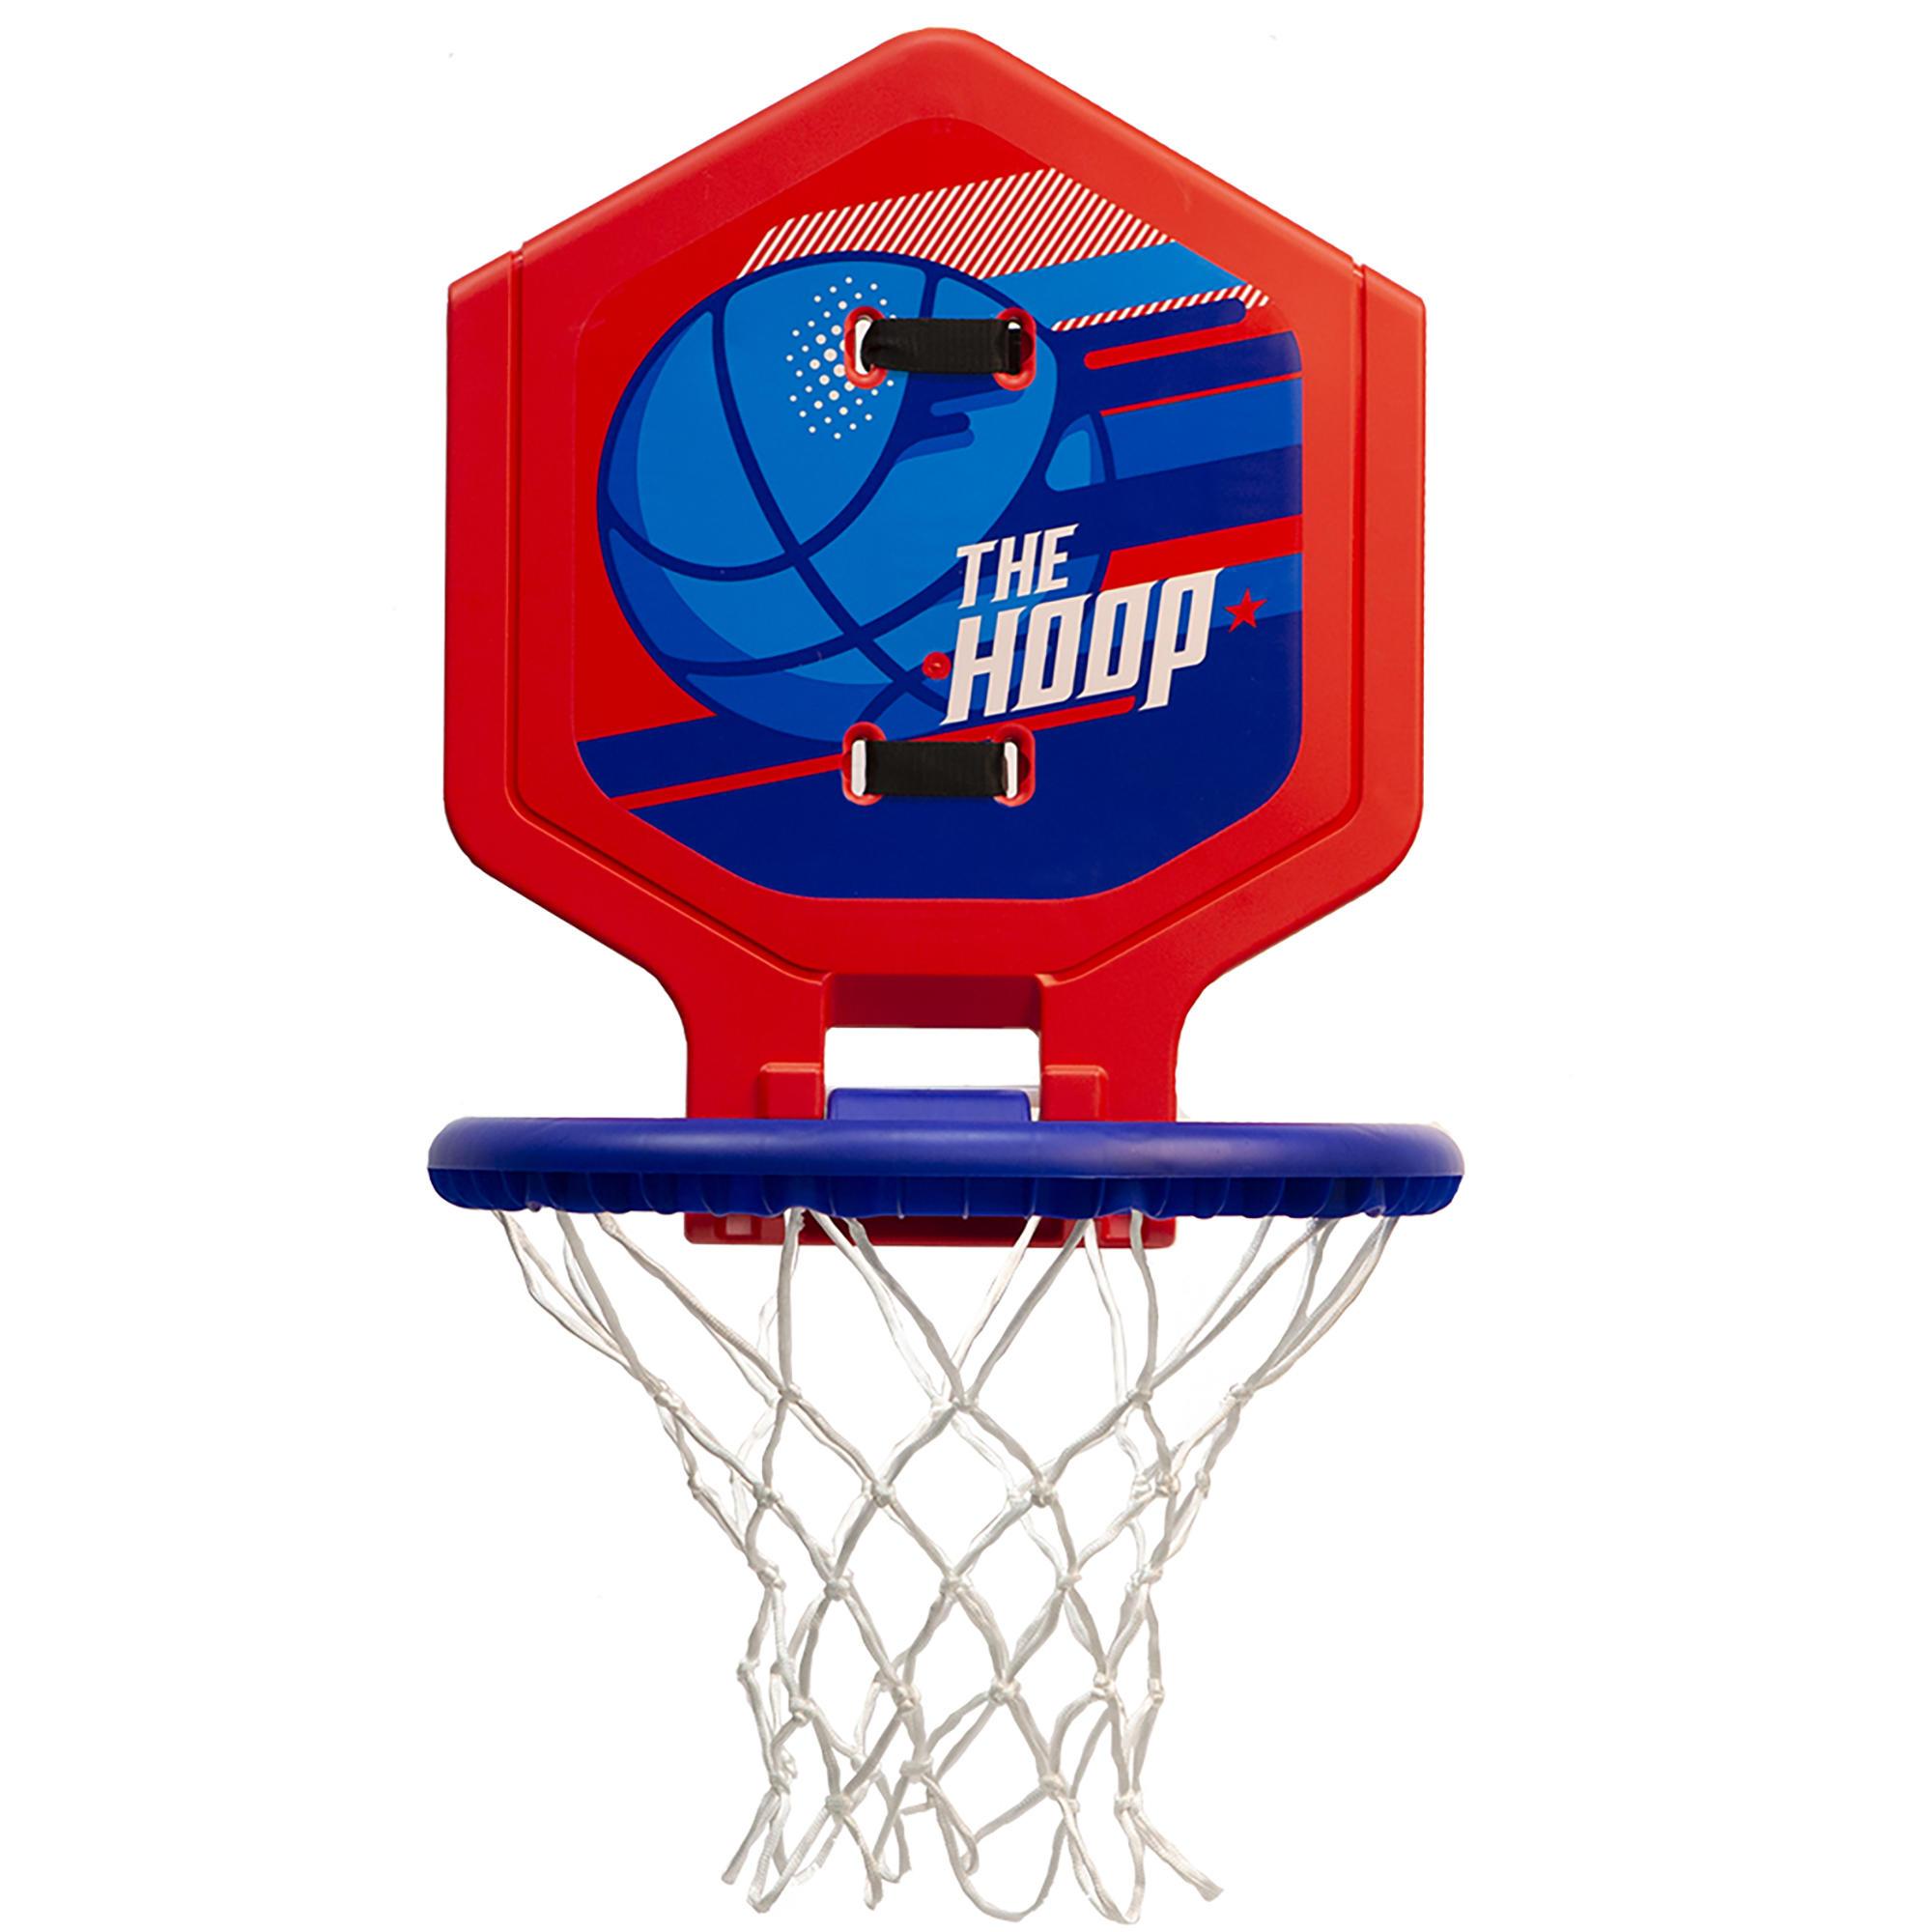 Coș Baschet The Hoop 500 imagine